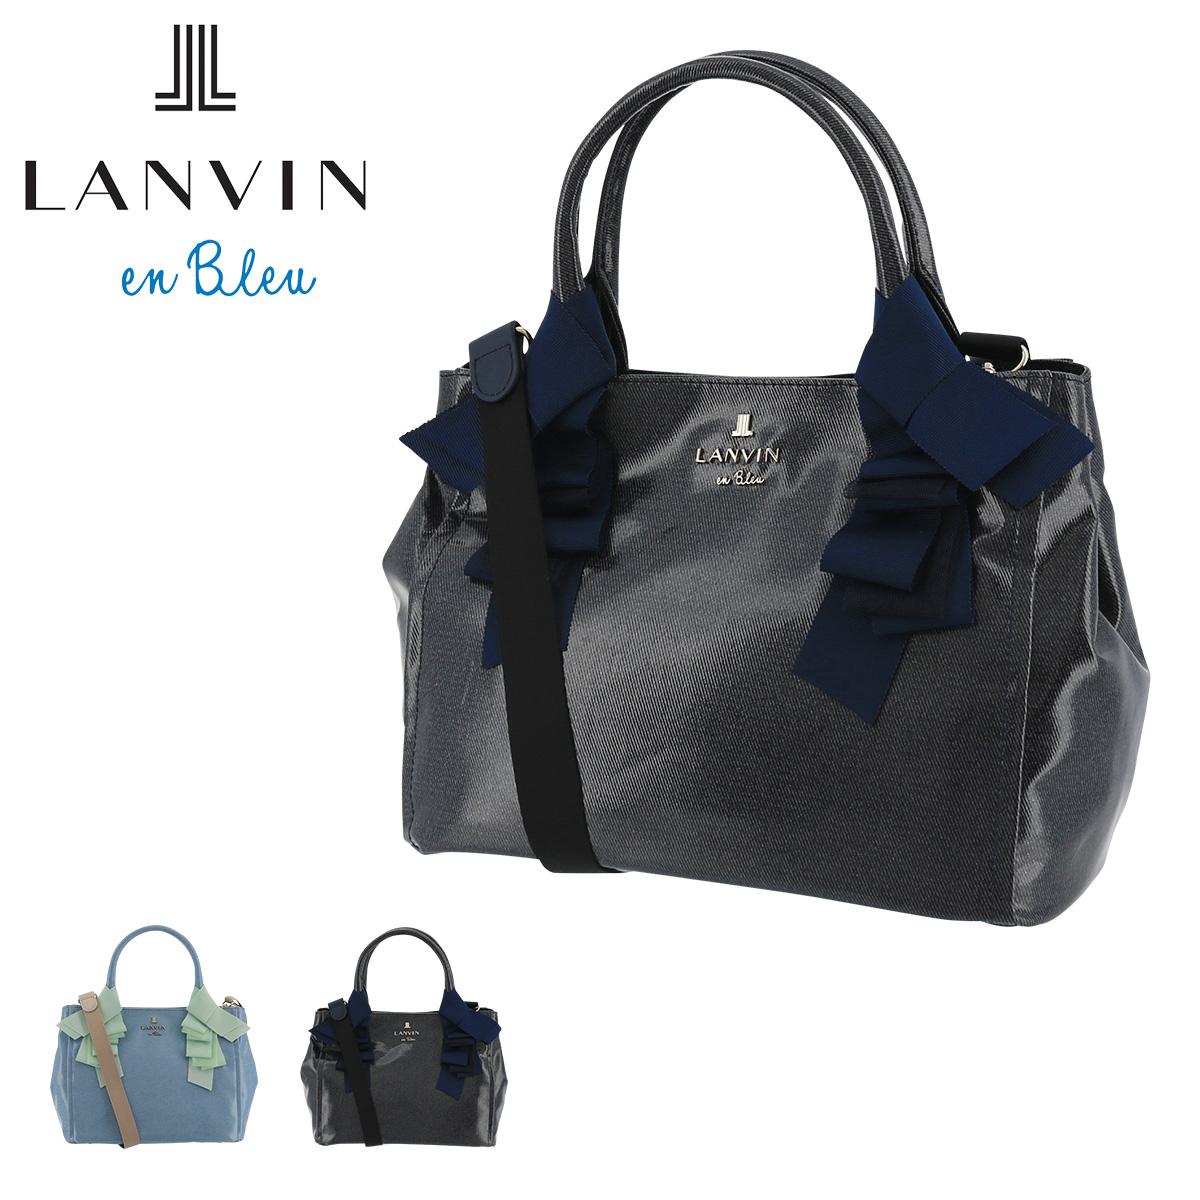 ランバンオンブルー ハンドバッグ オルセー レディース 482501 LANVIN en Bleu | 2WAY ショルダーバッグ [即日発送]